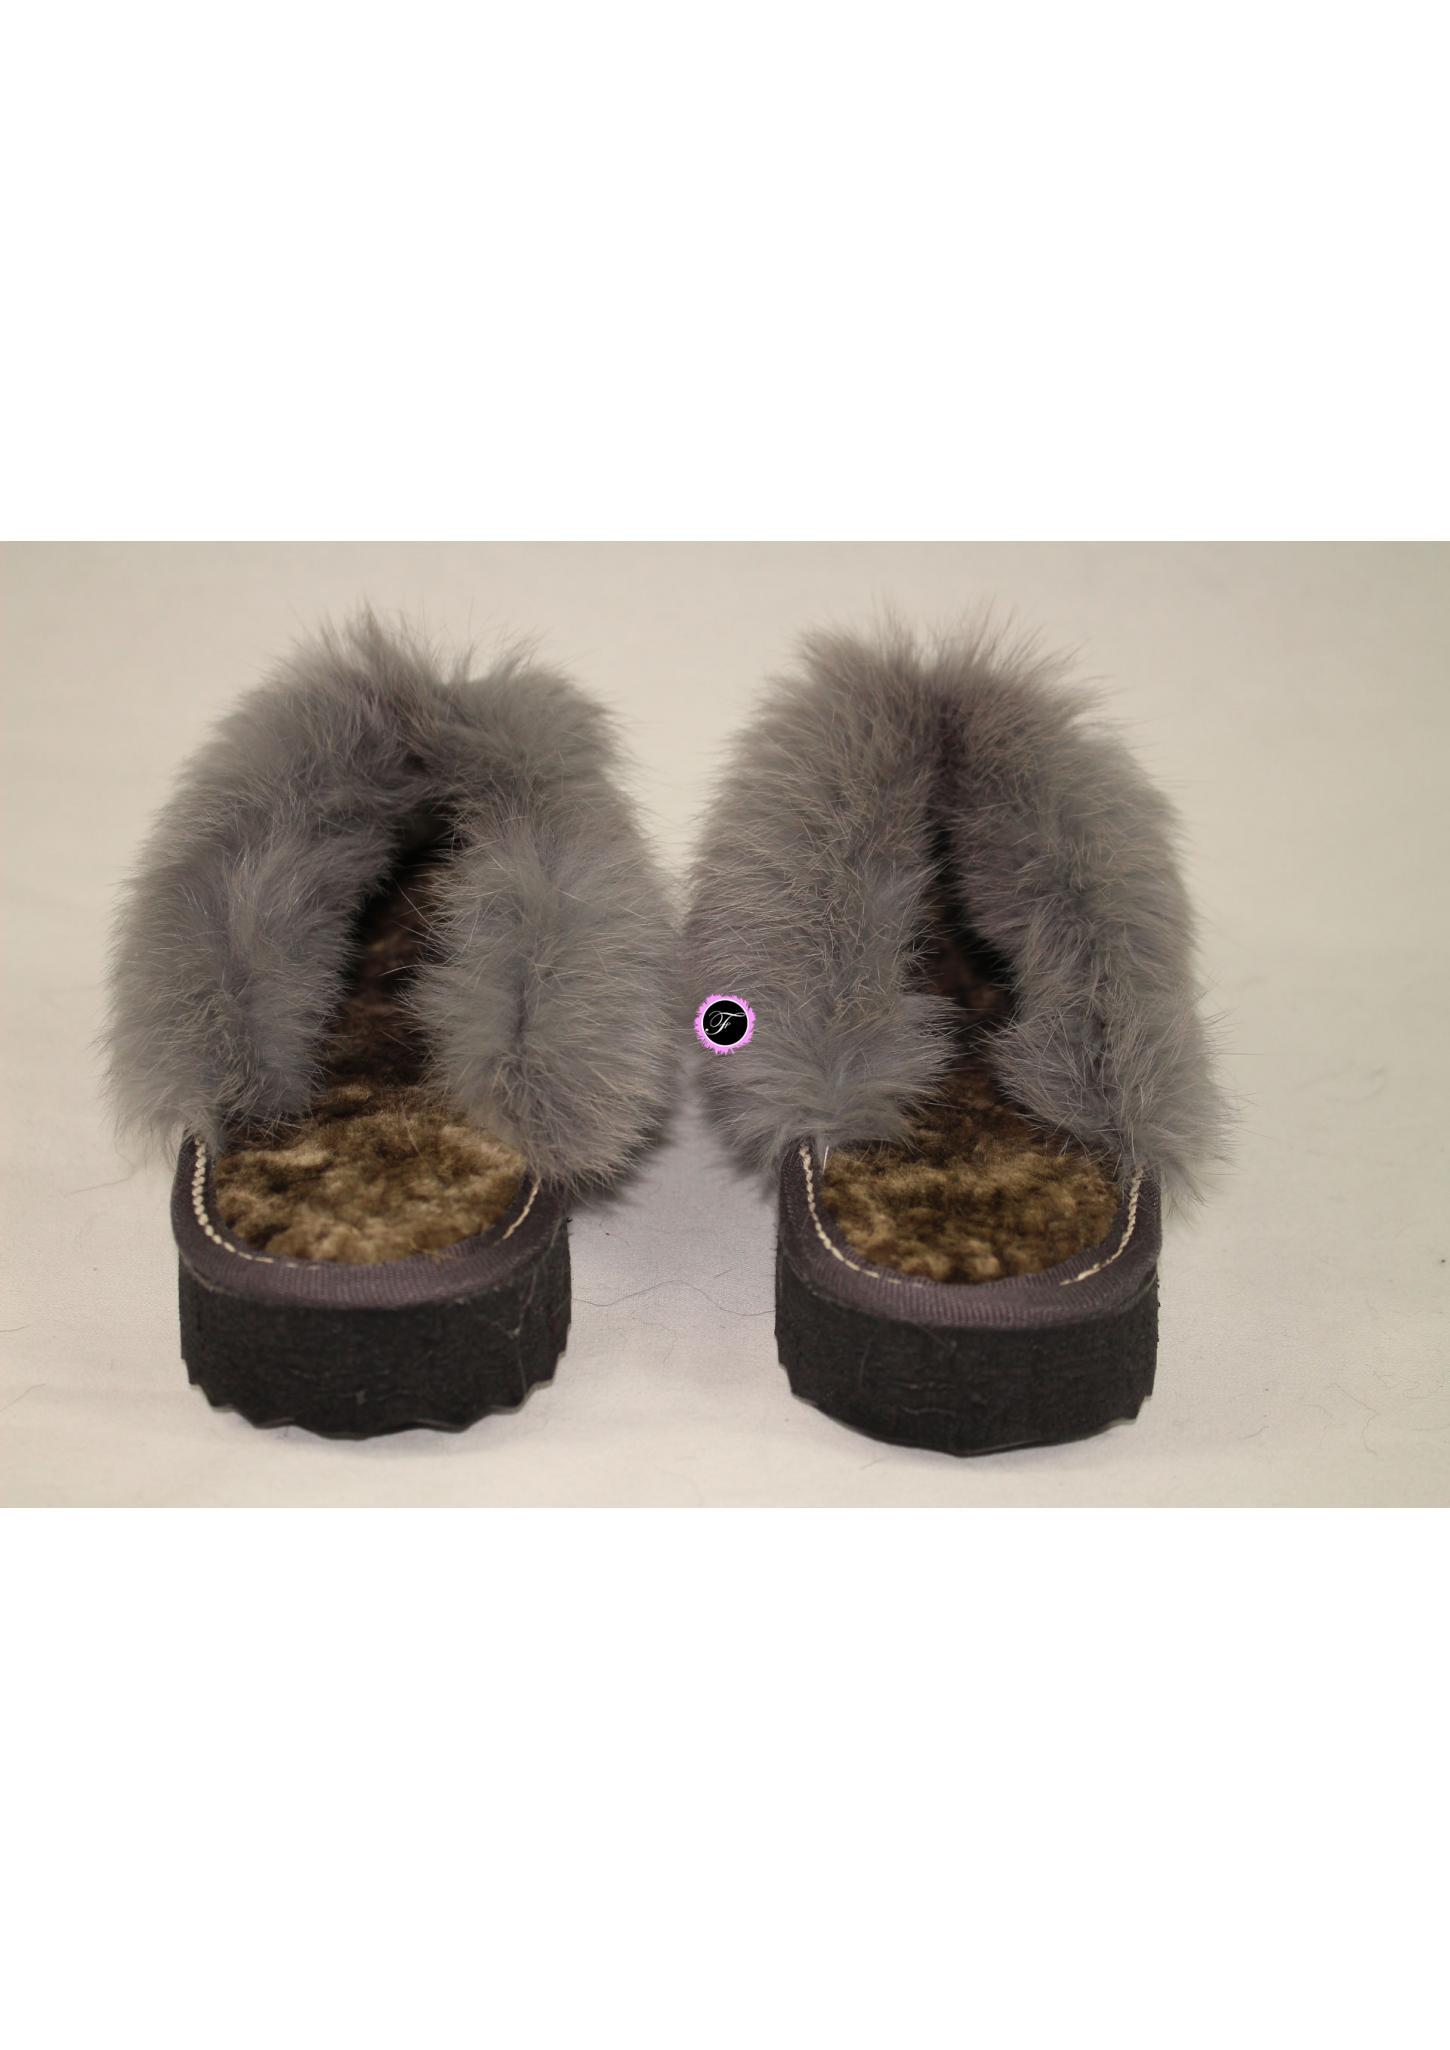 chaussons gris klio nubbuck fourrure de mouton et fourrure de lapin. Black Bedroom Furniture Sets. Home Design Ideas